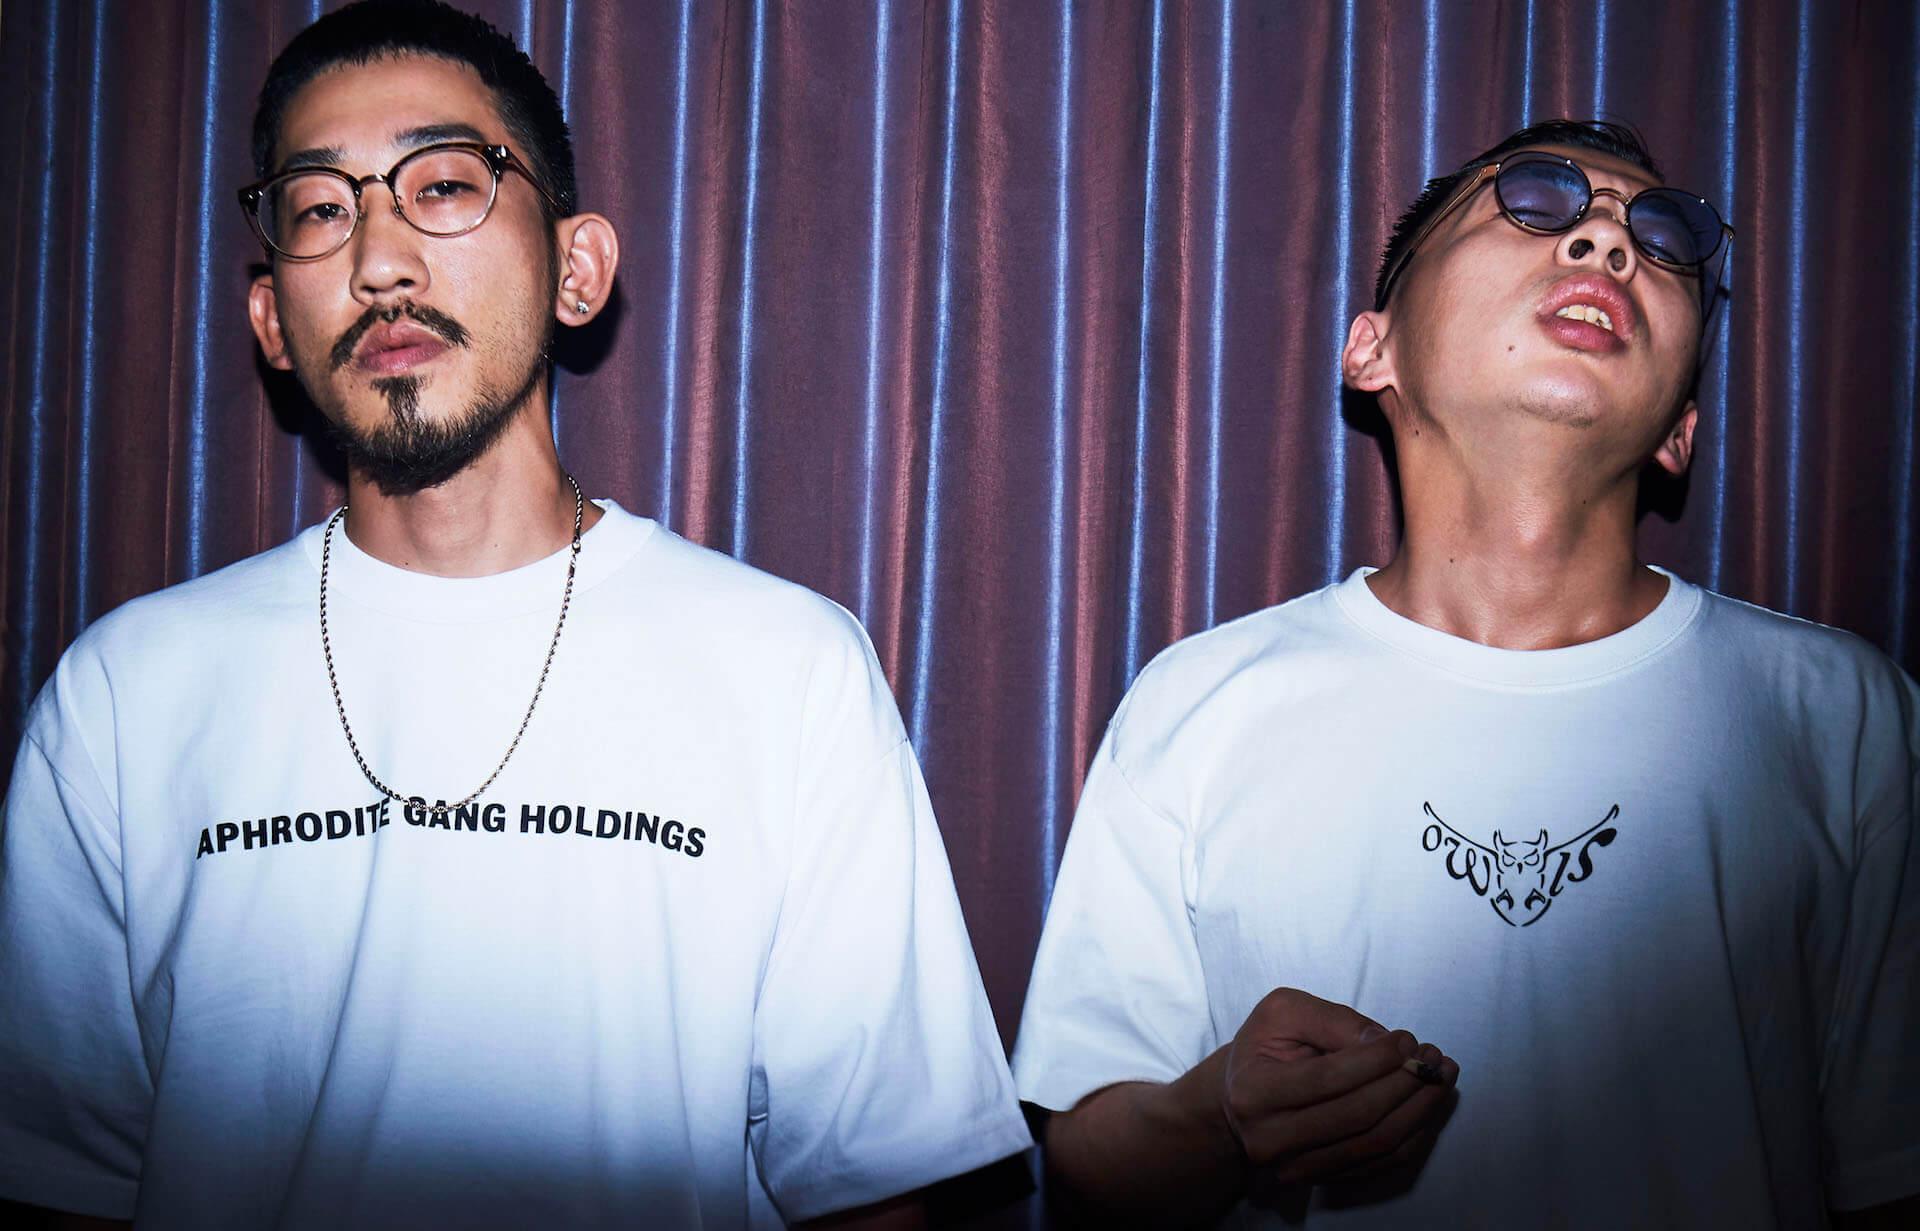 GREEN ASSASSIN DOLLARとrkemishiによるユニット・owlsのデビューアルバムが本日リリース|「encount feat. peedog」のMVも公開に music191120-owls-1